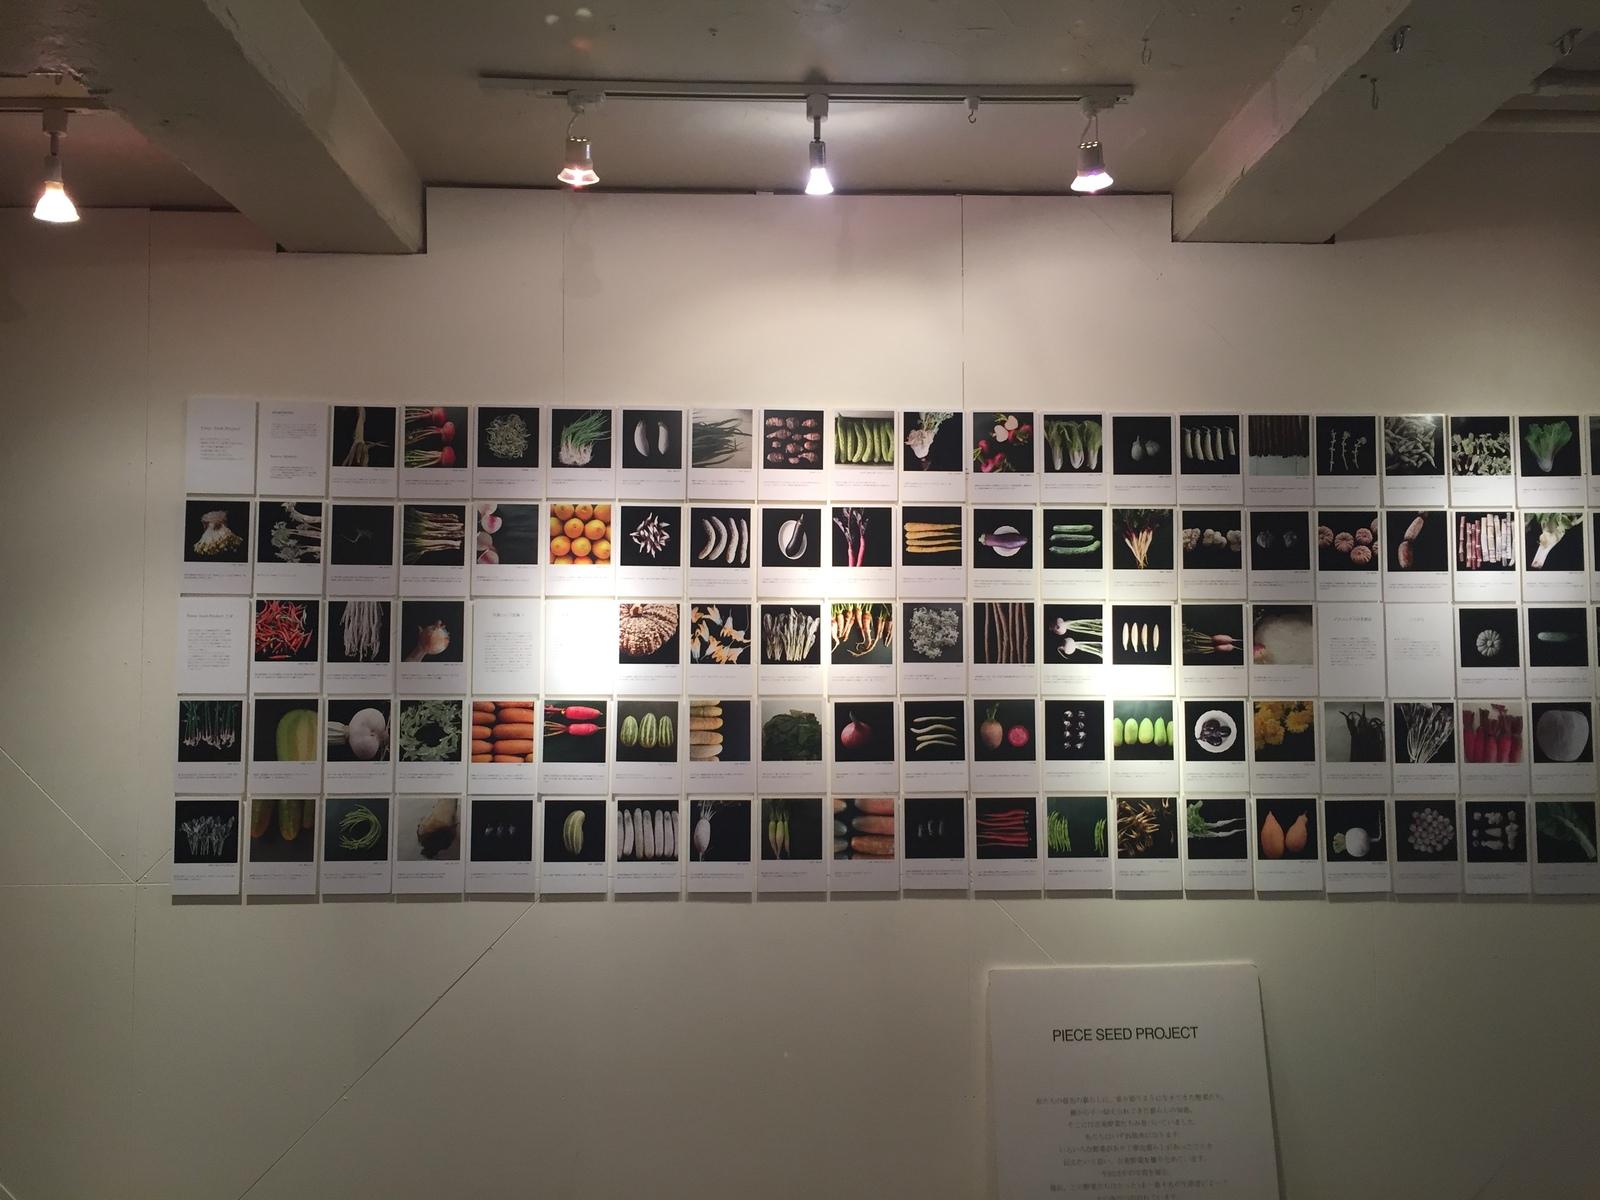 4/27-5/13 古来種野菜の写真展『Piece Seed Project』を開催します。